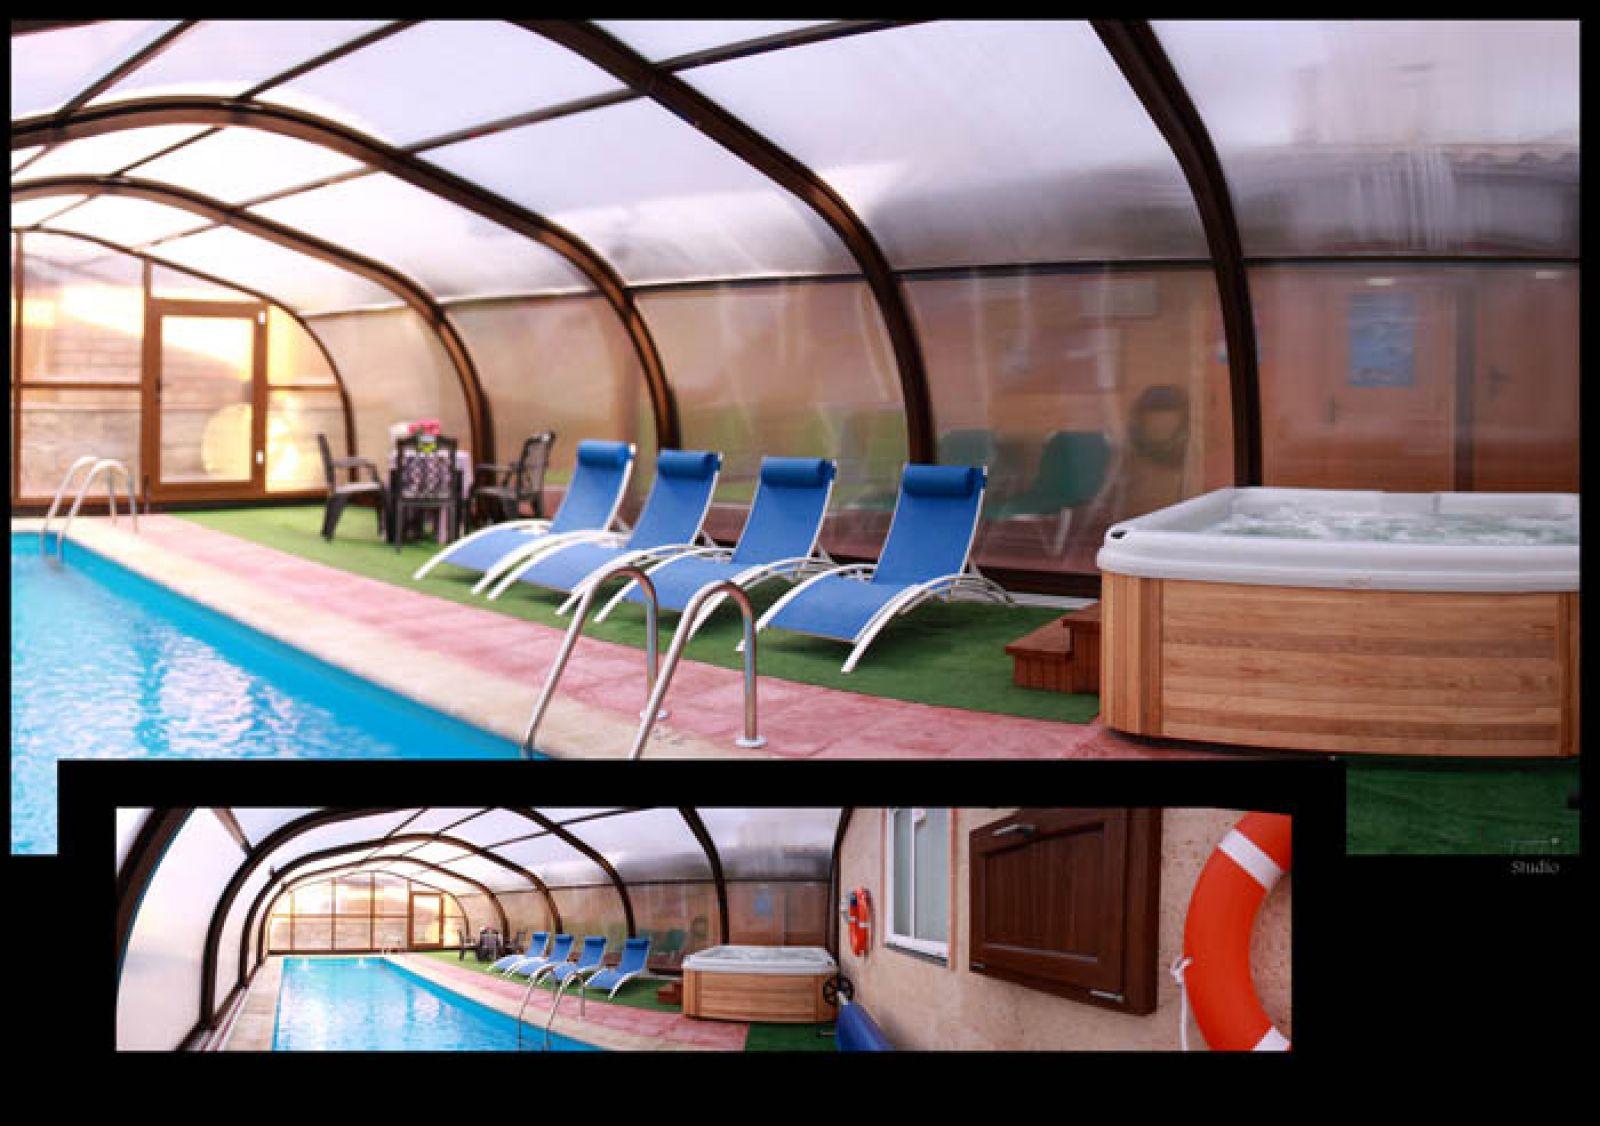 Casas aptos rurales carroyosa alojamientos en el valle del jerte - Casas rurales en el jerte con piscina ...